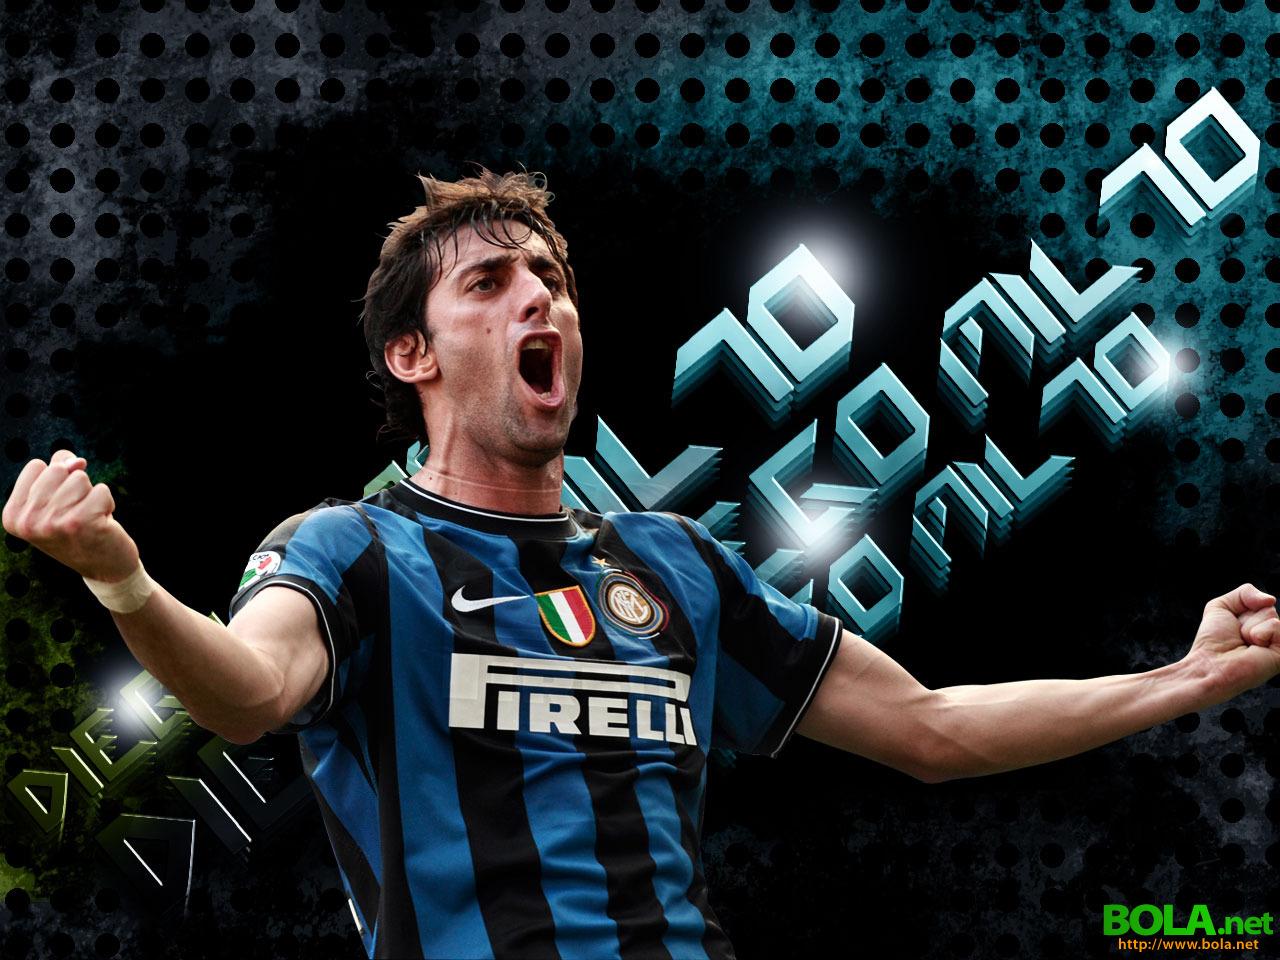 Fondo De Pantalla Linda Futbol: Wallpapers HD: Fondos De Pantalla Futbol, HD 1280x960